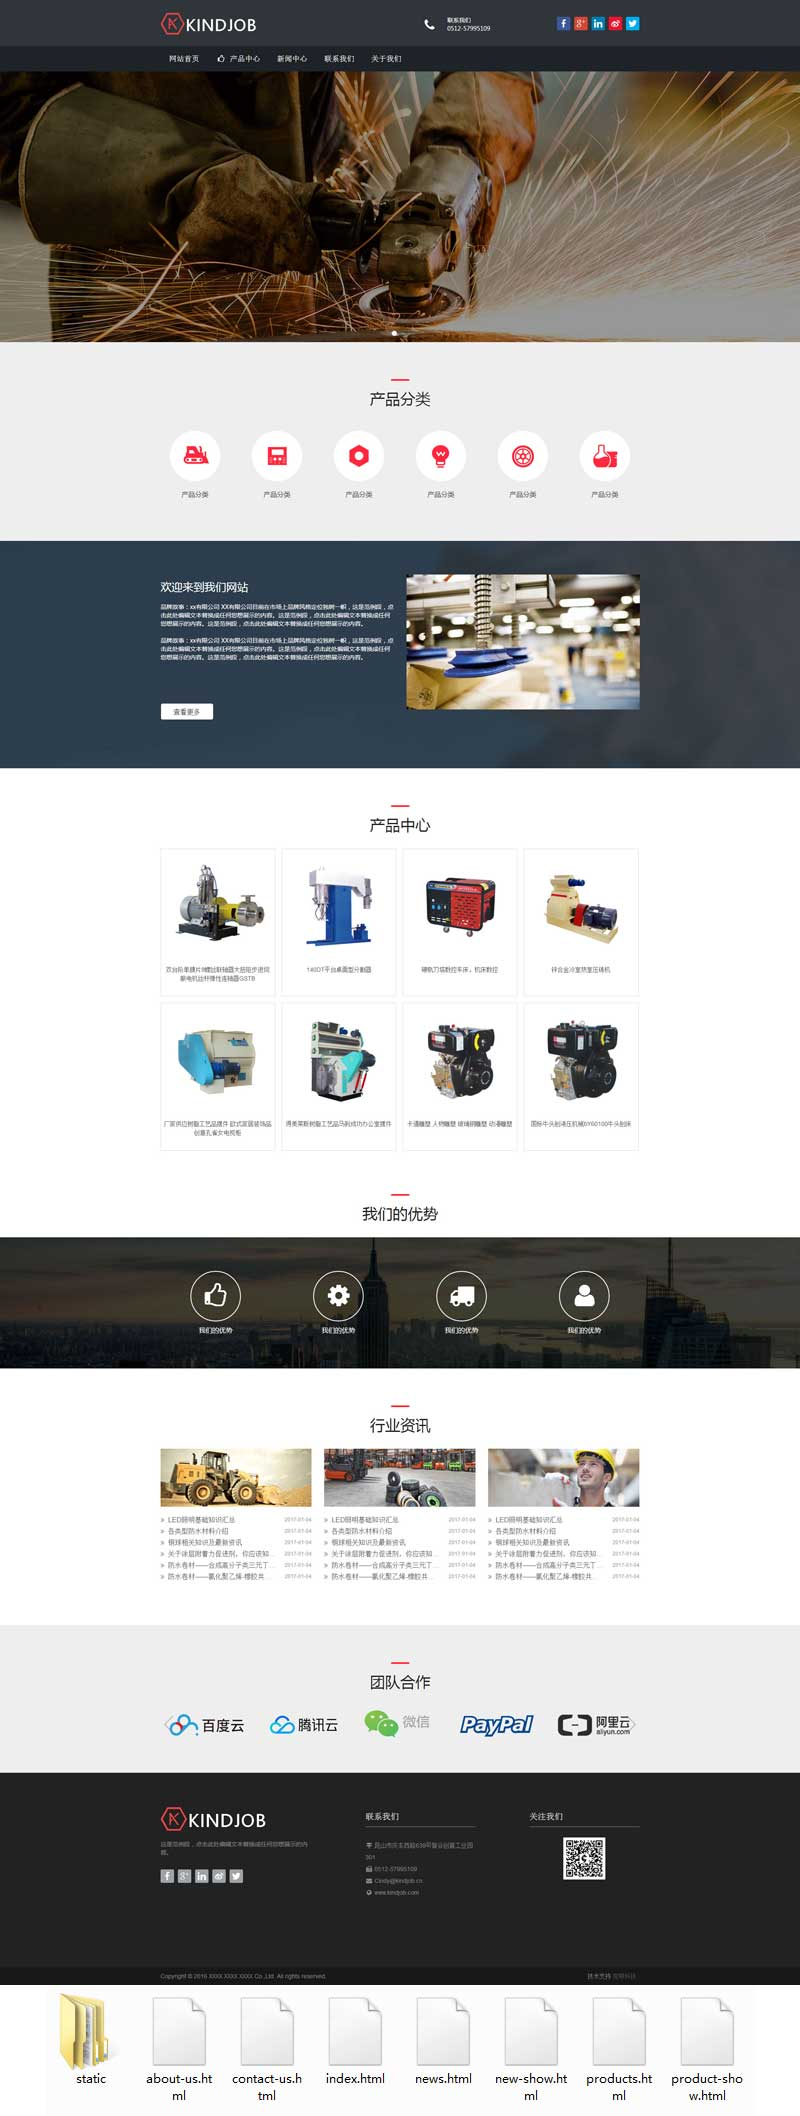 黑色通用的机械设备公司html模板